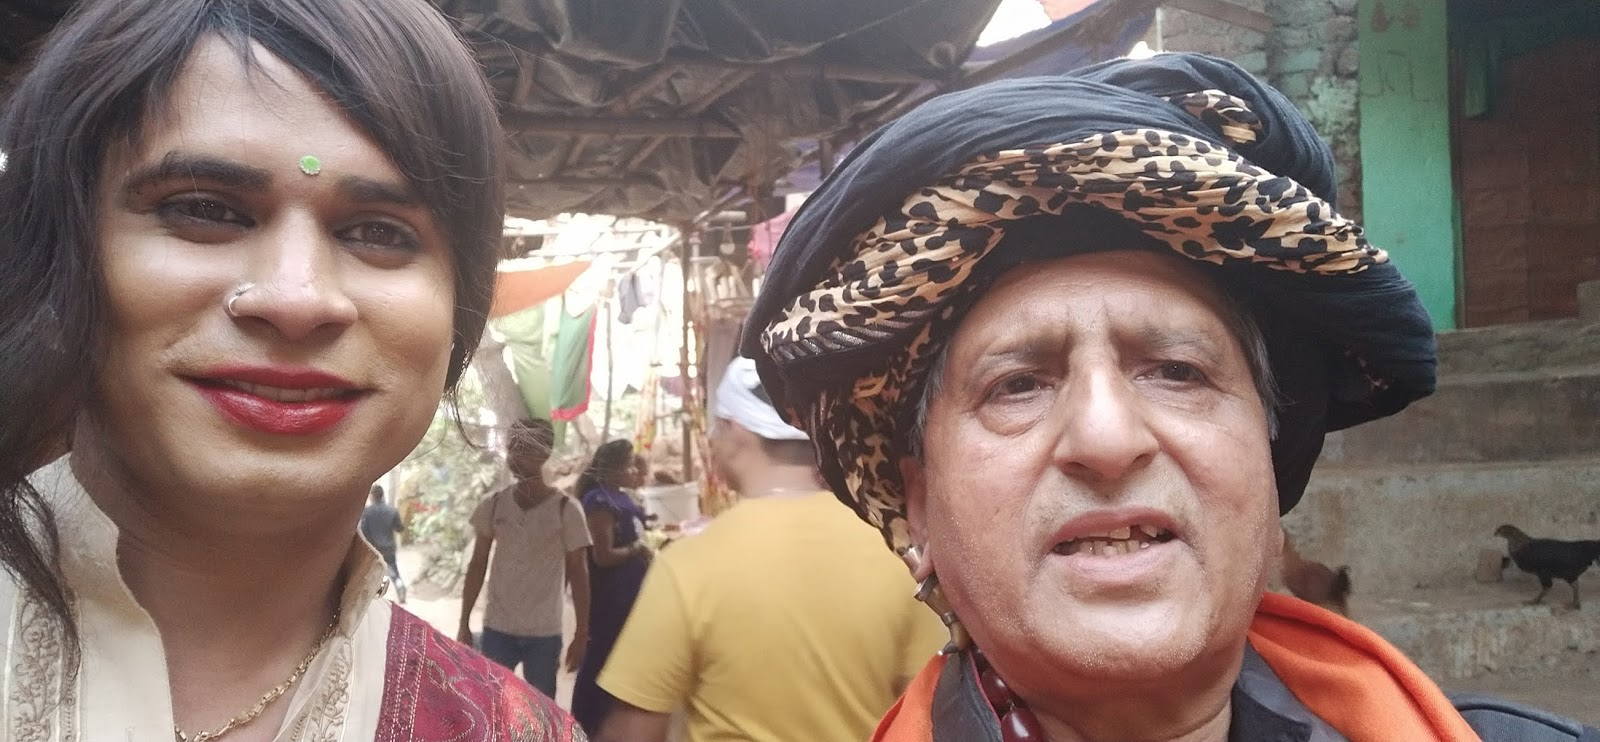 Firoze Shakir Poet Frozen Time Urus Of Haji Abdul Rehman Shah Malang Baba Haji Malang Baba